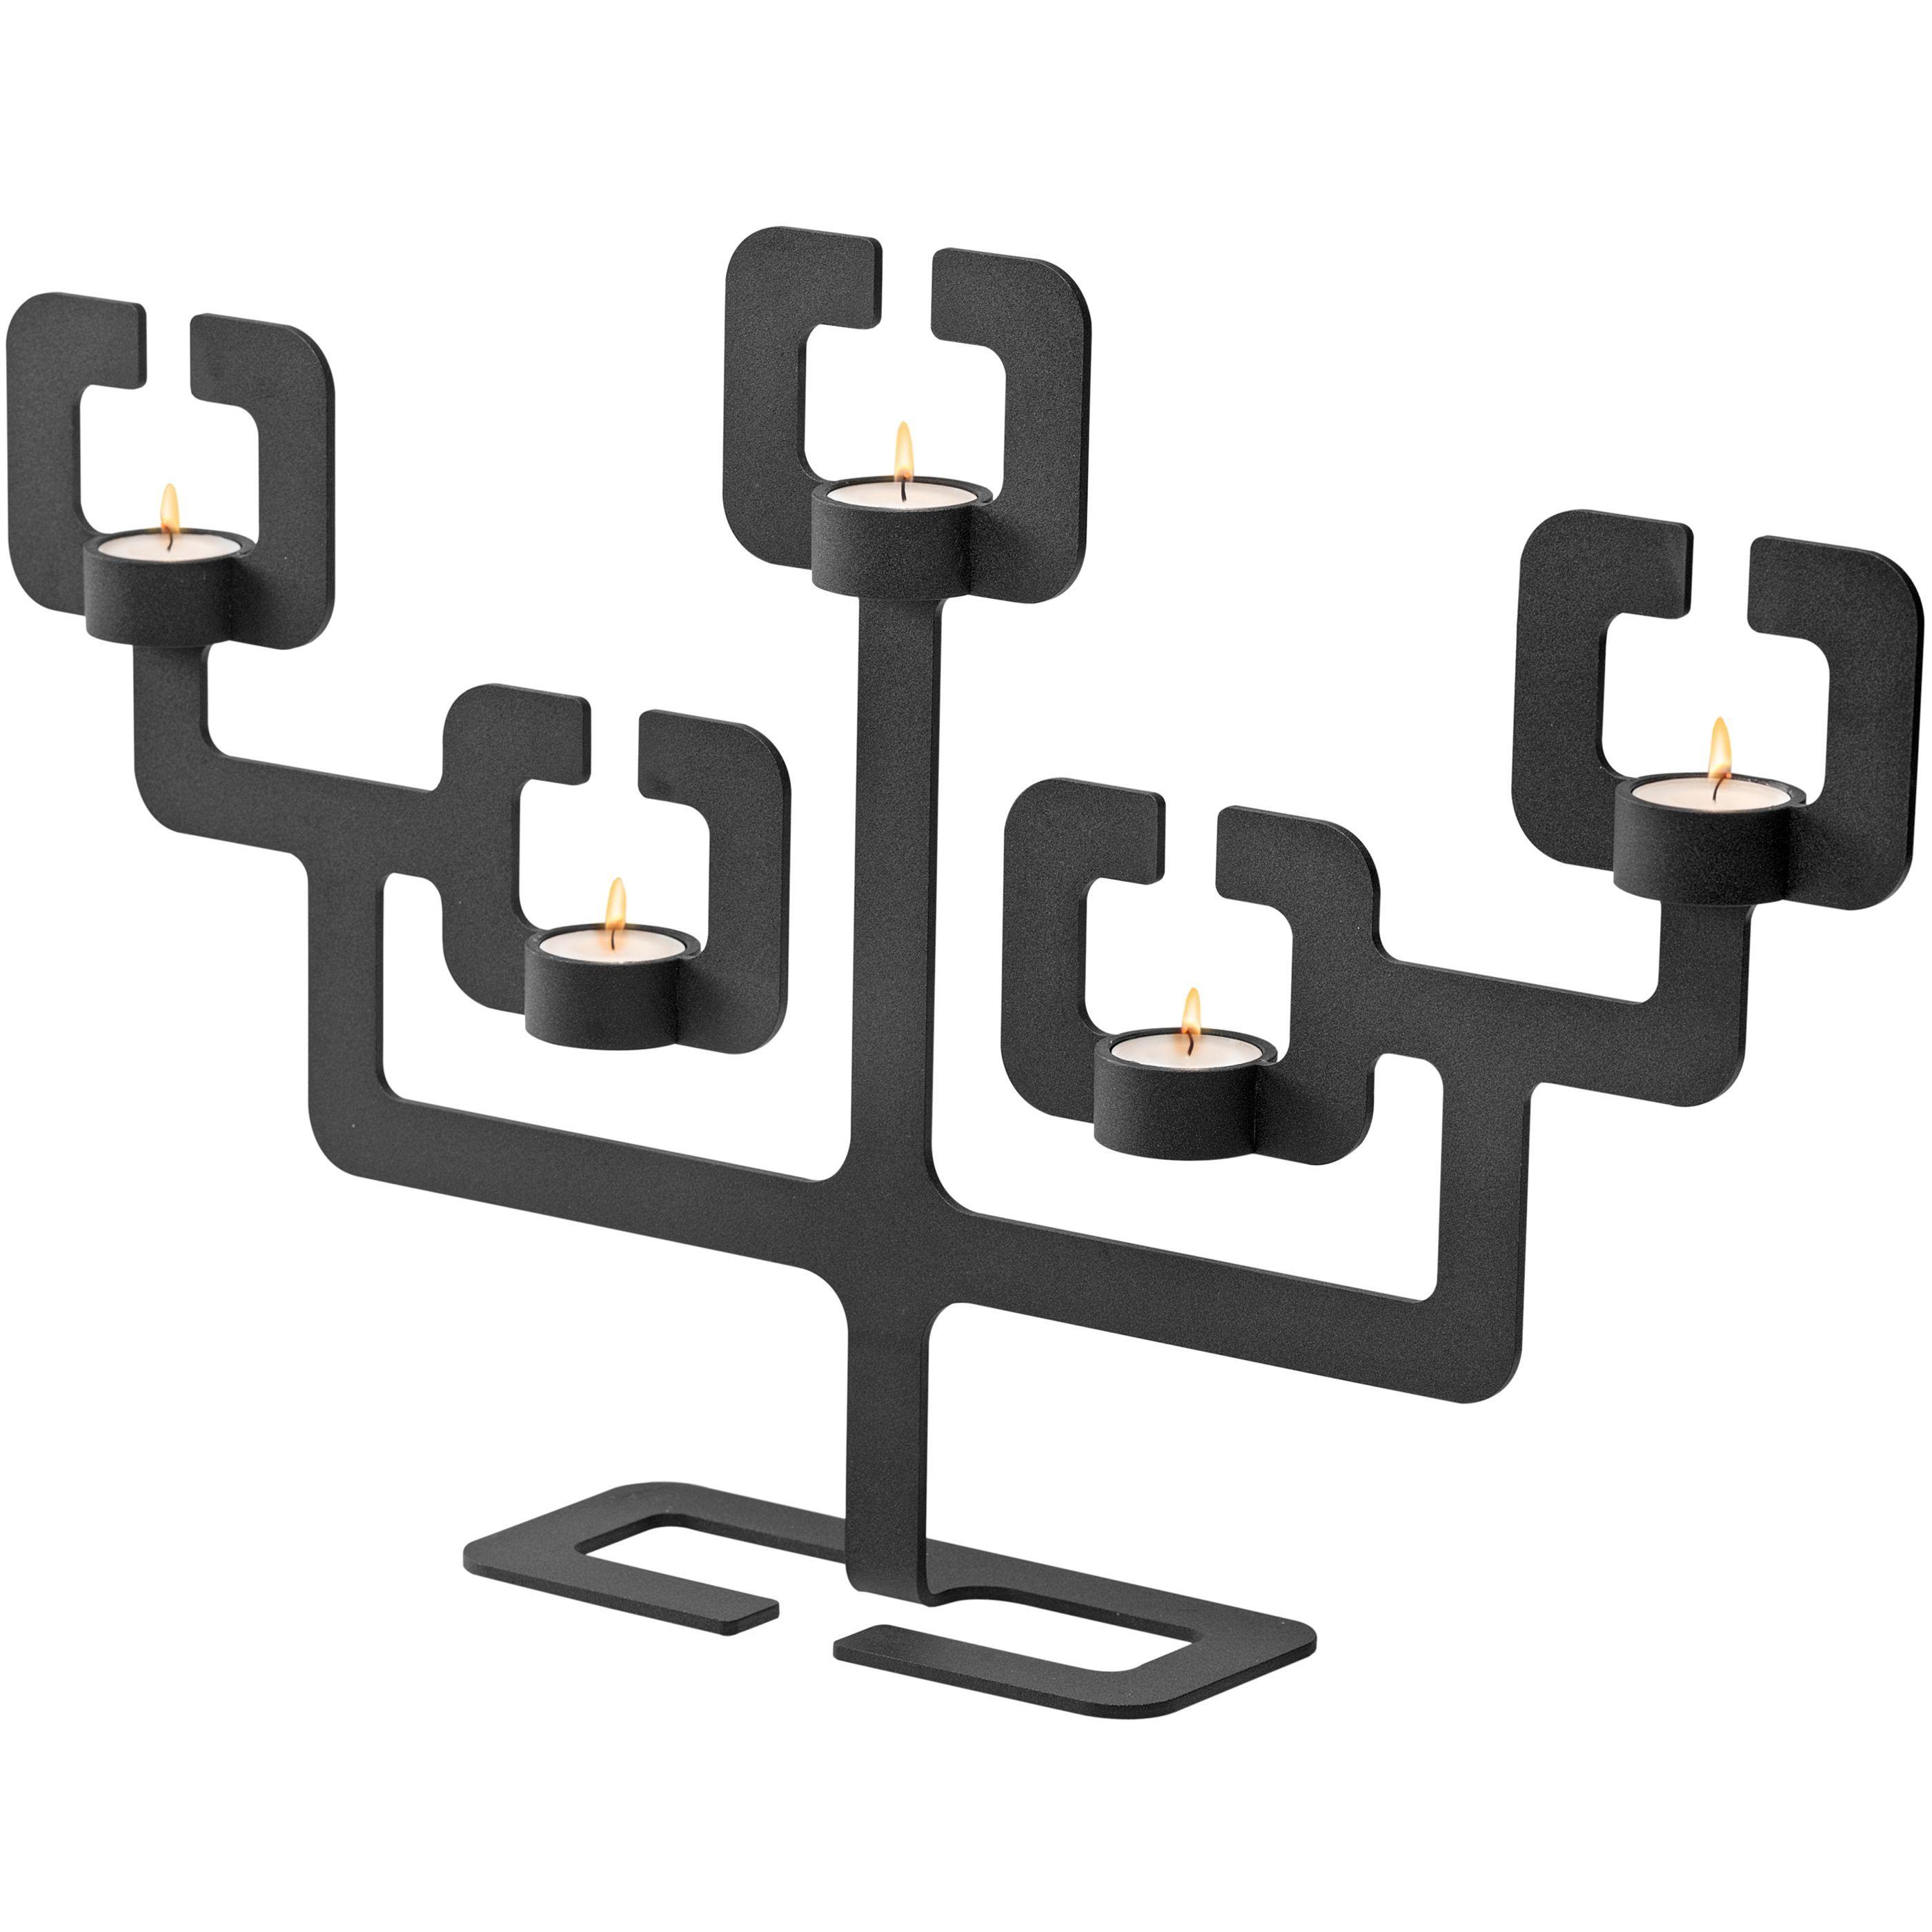 Functionals Bonsai 5 kandelaar kopen